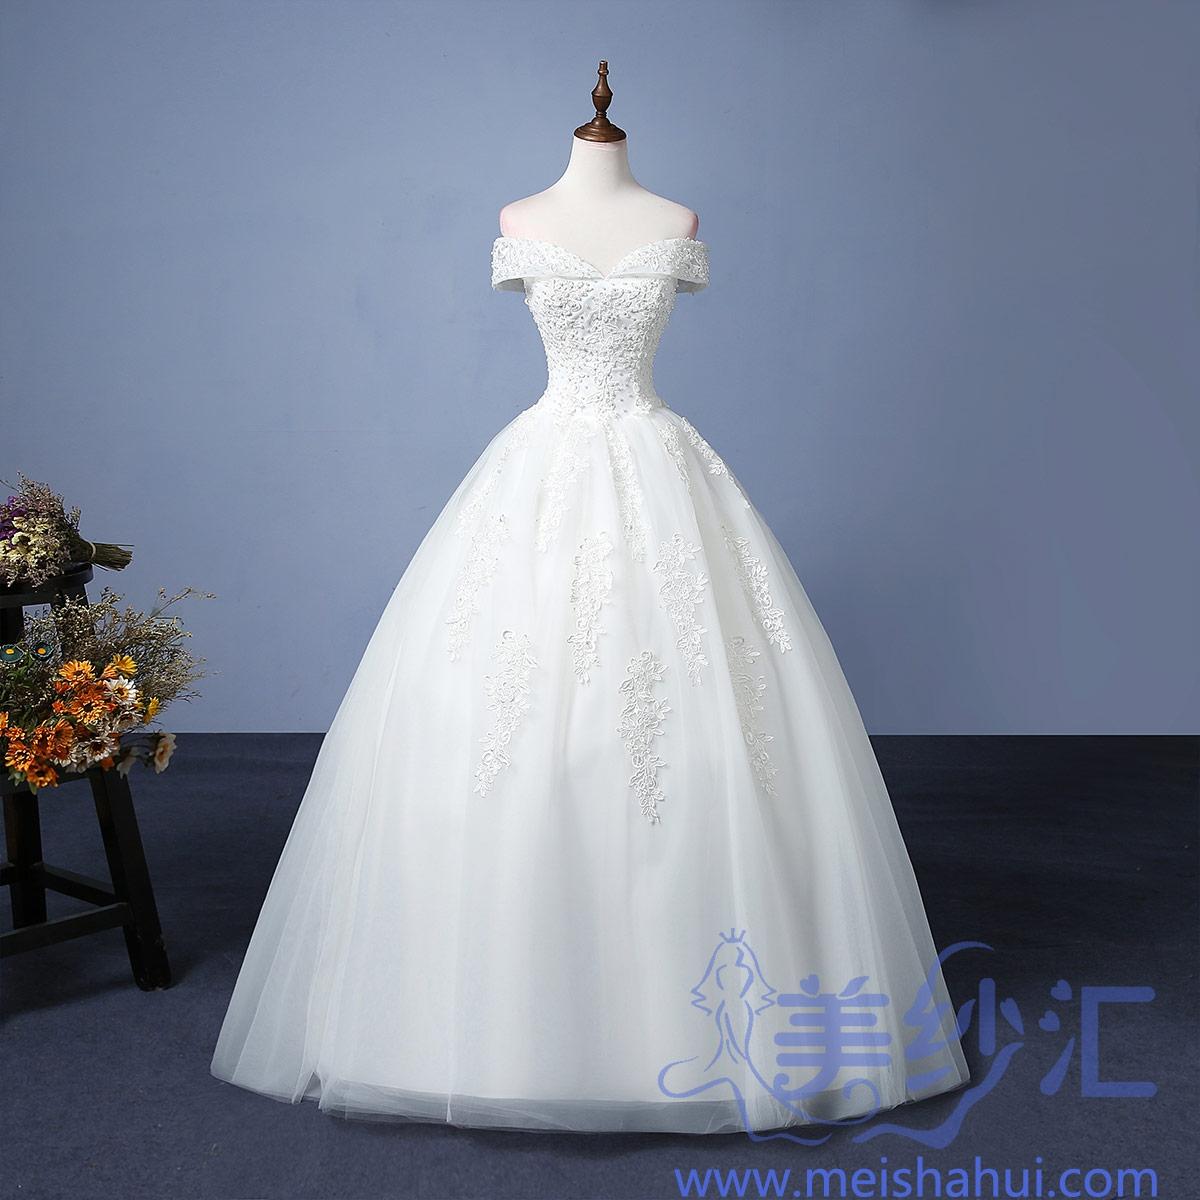 米白色一字肩新款新娘结婚当天嫁衣精美花纹齐地婚纱101101C-94 如图 均码